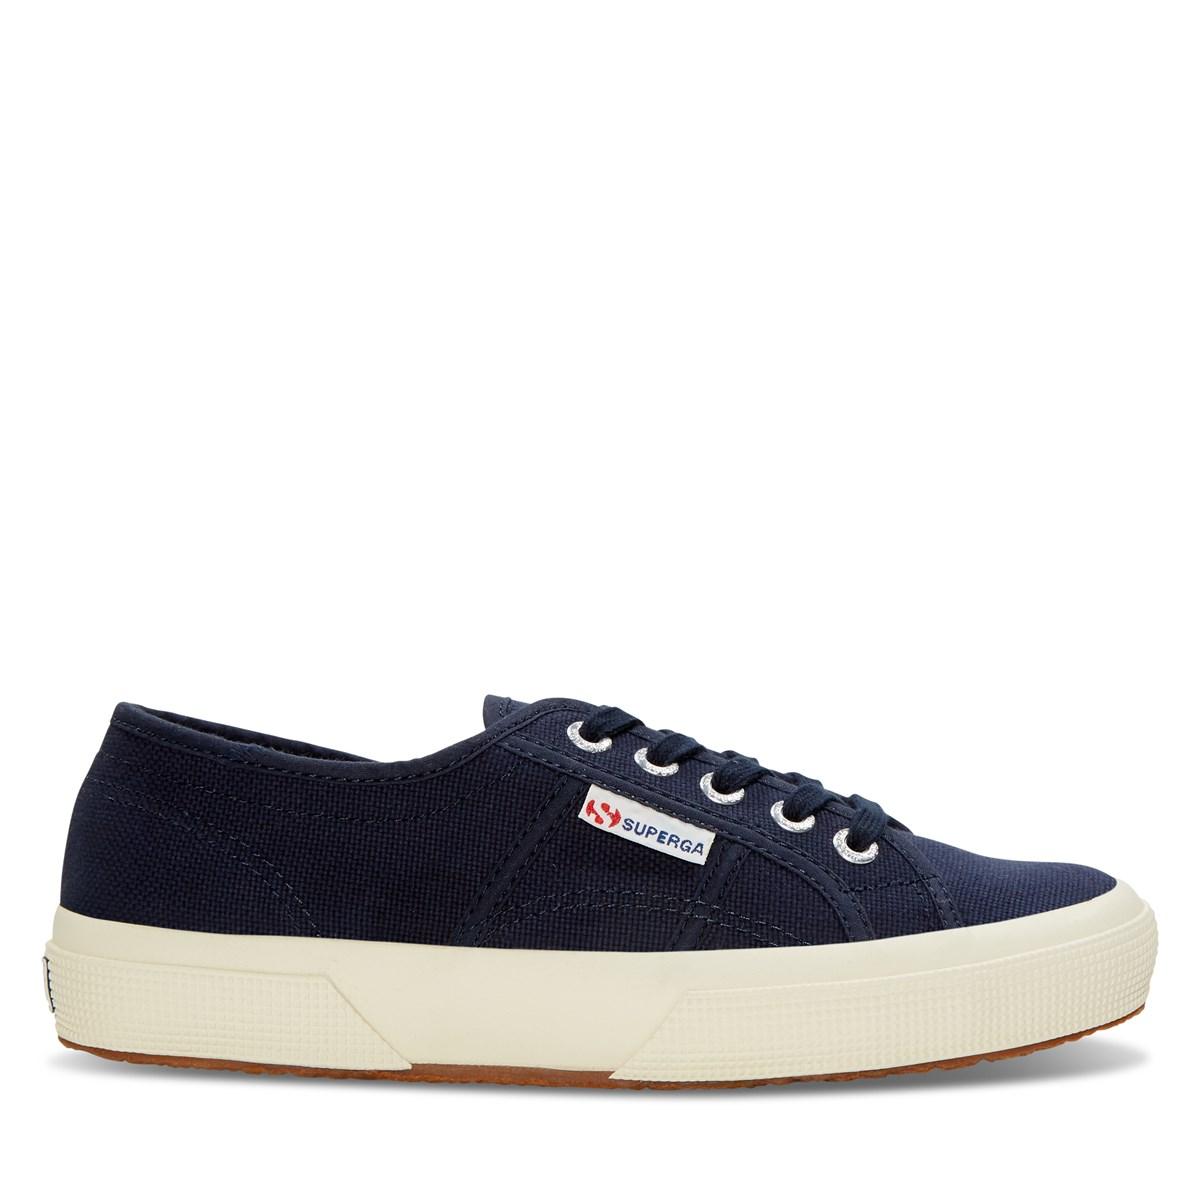 COTU Classic Sneaker in Navy